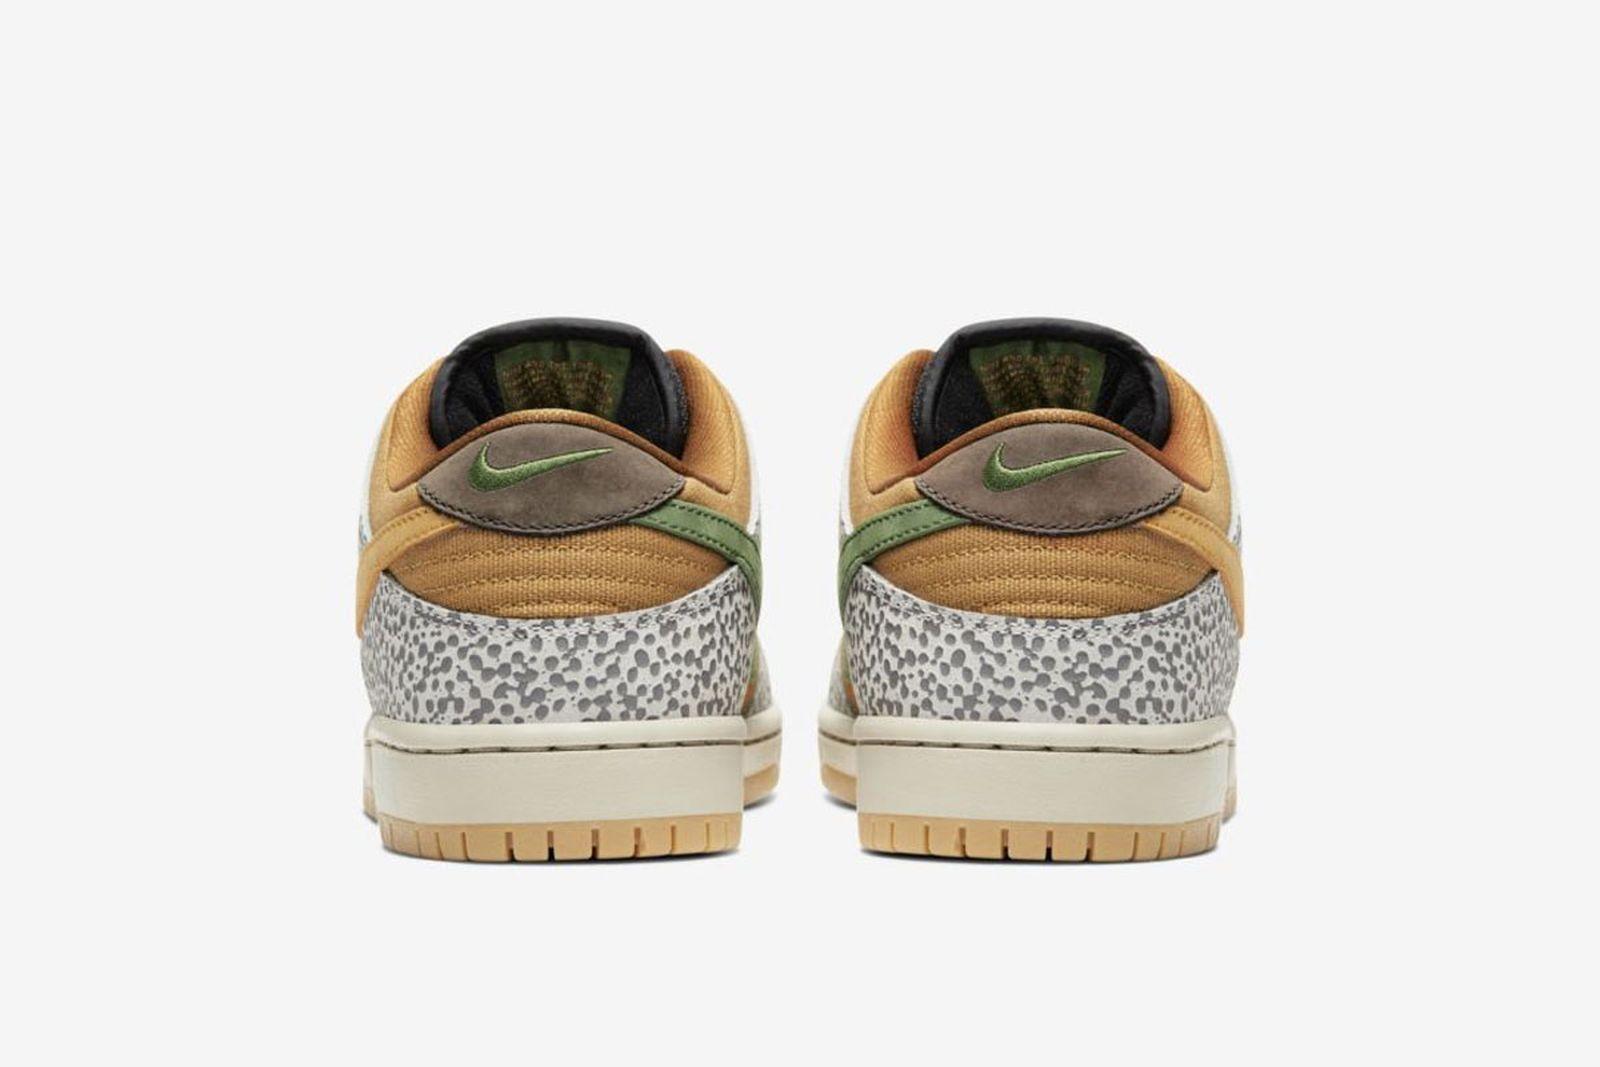 nike-sb-dunk-low-safari-release-date-price-01